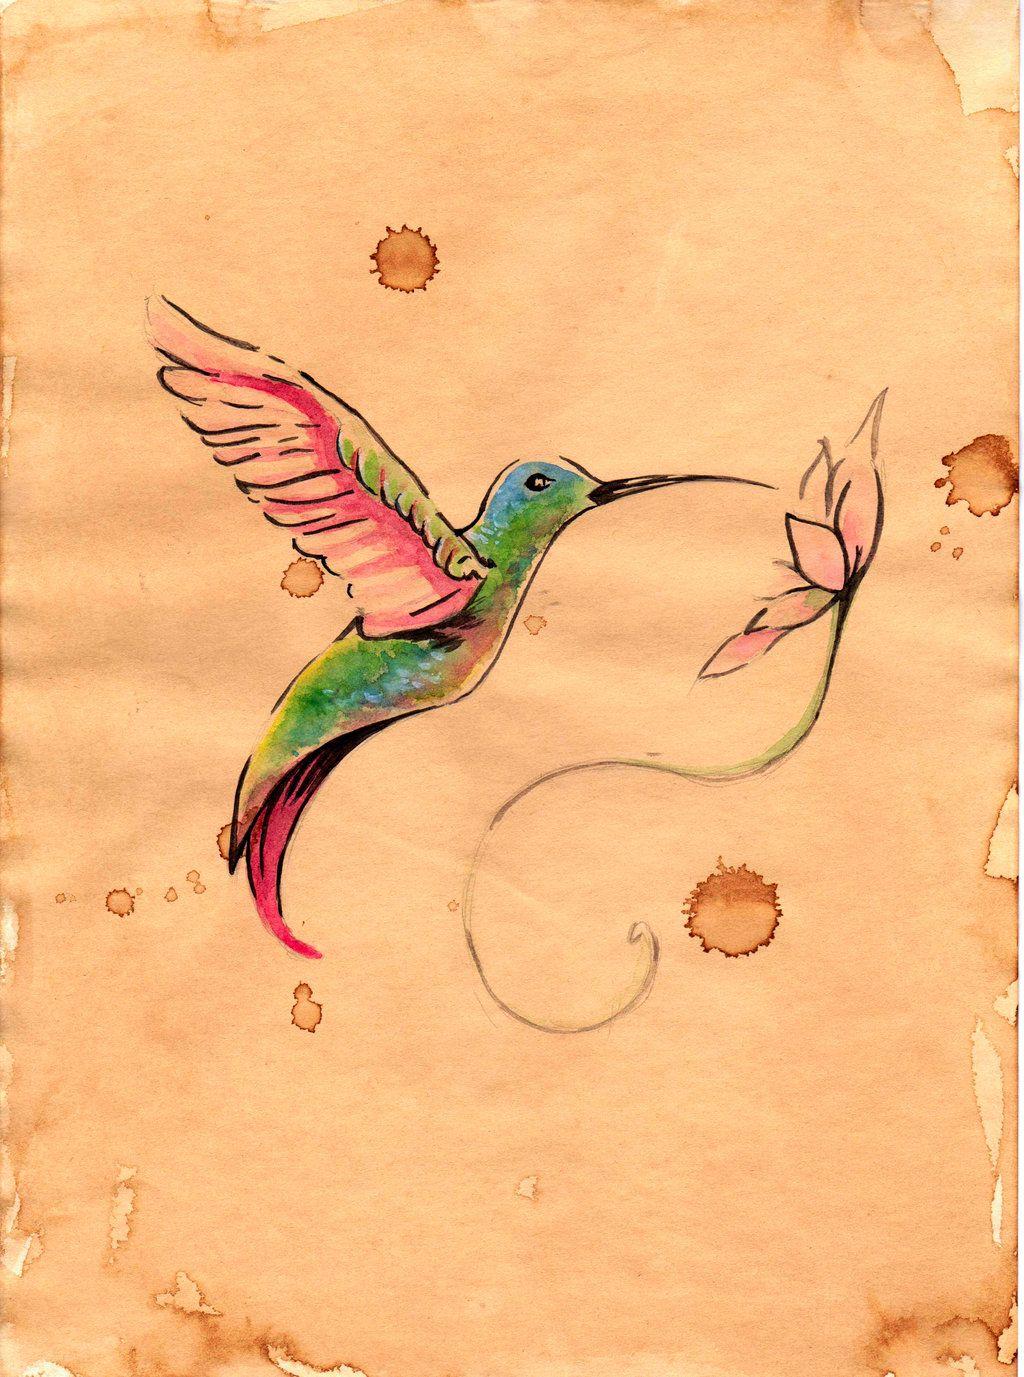 humming-bird by FannyCl.deviantart.com on @deviantART